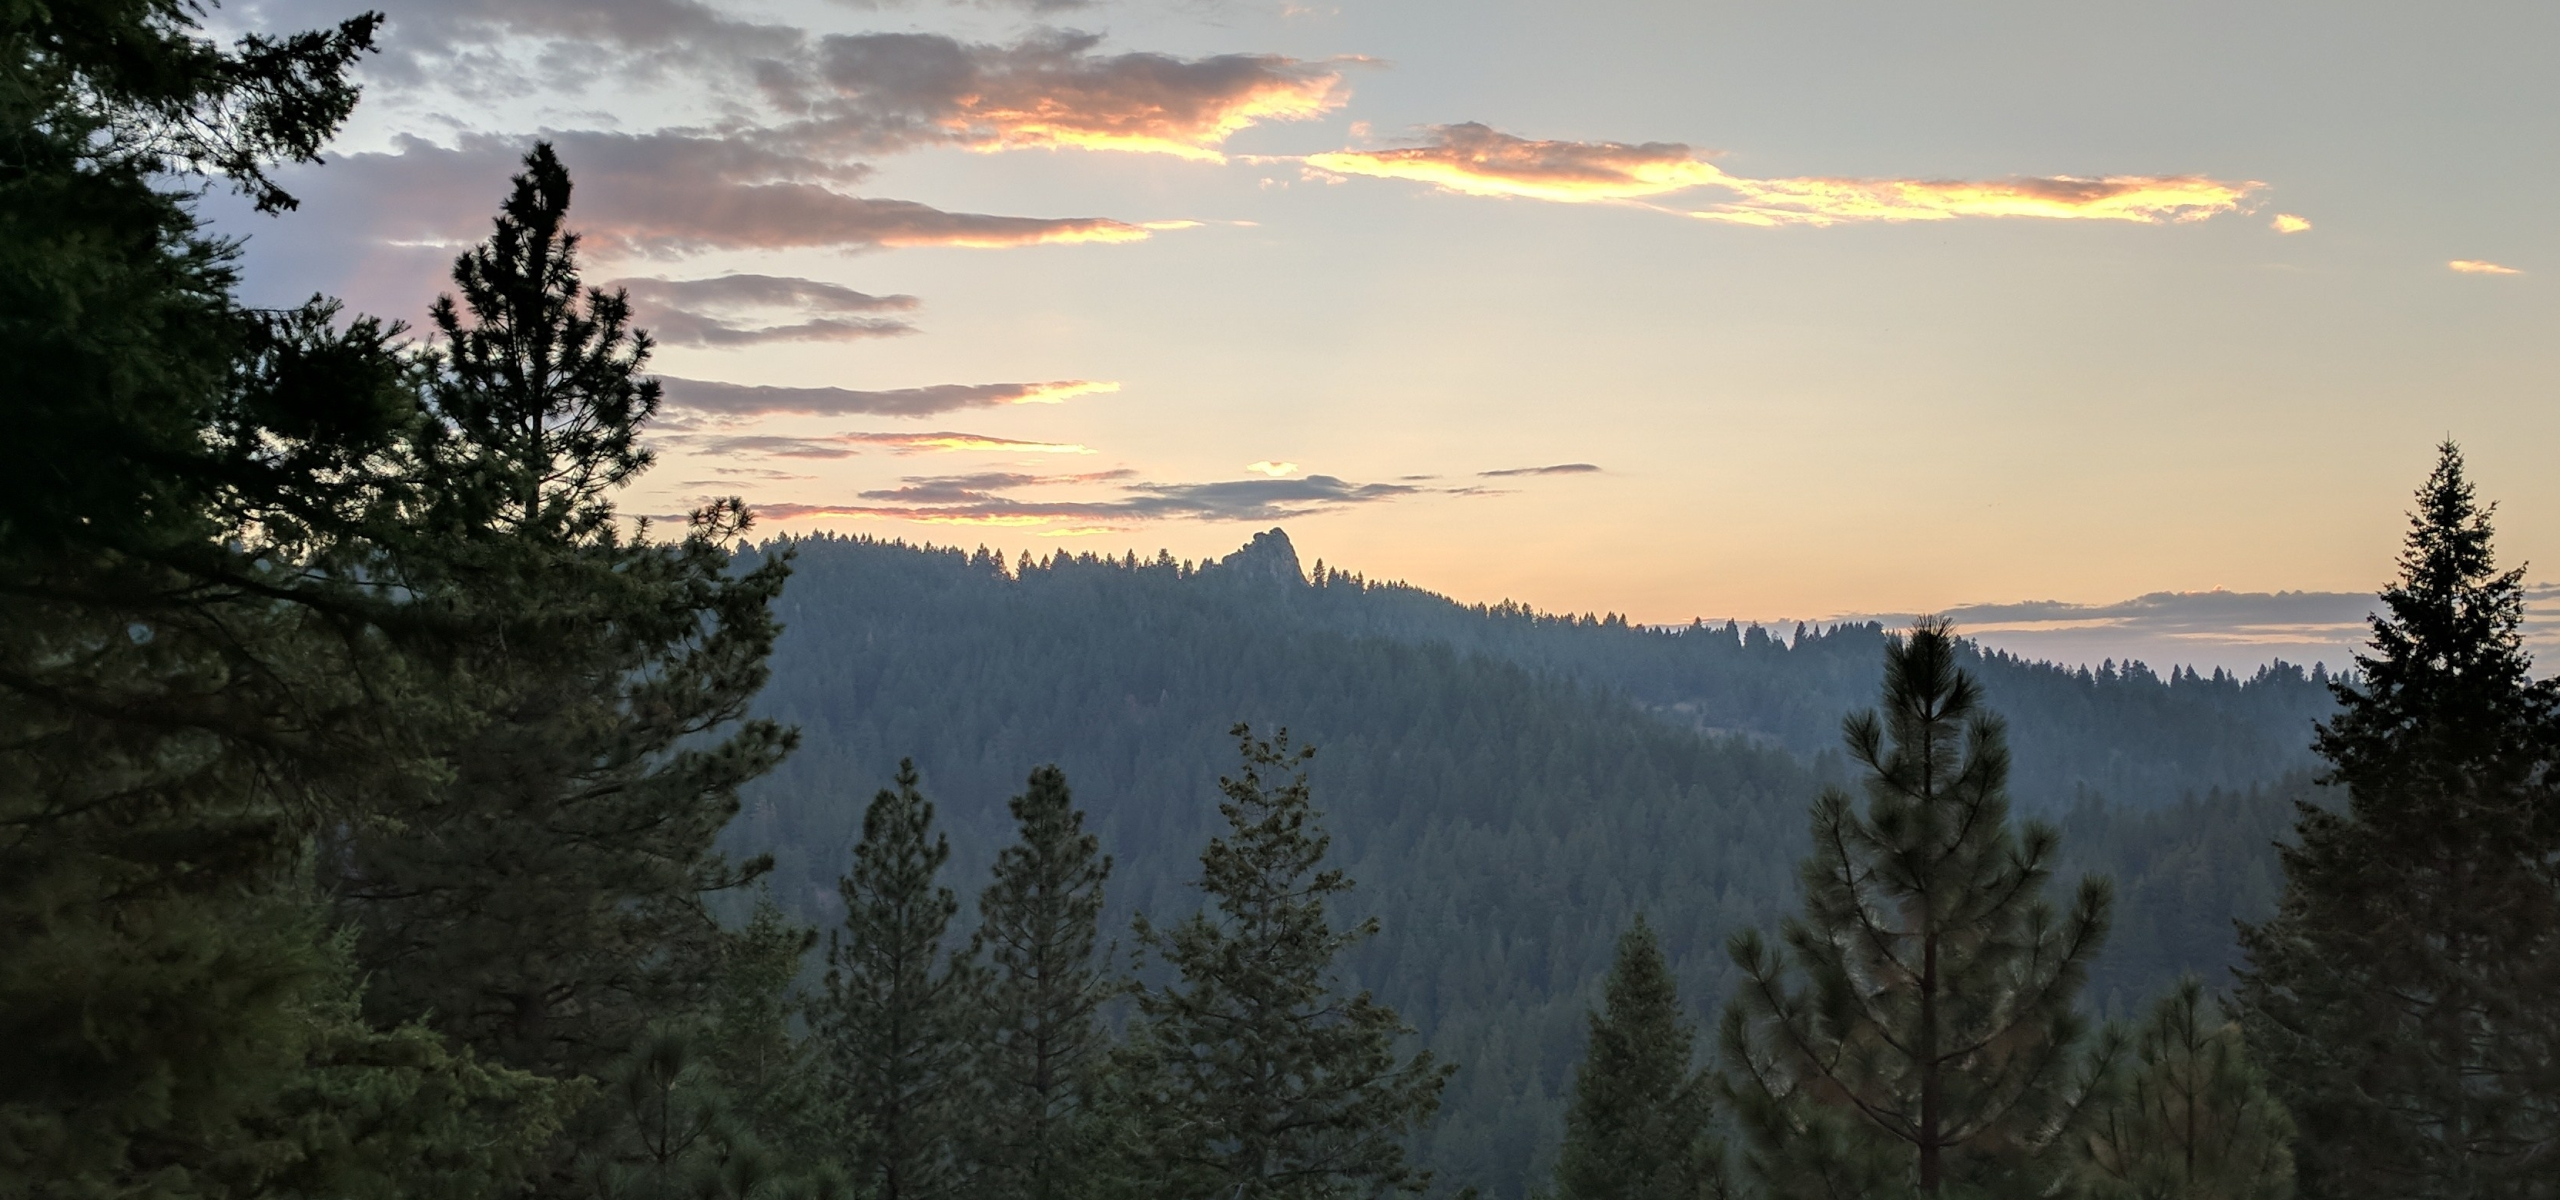 boise national forest, bogus basin, stack rock boise